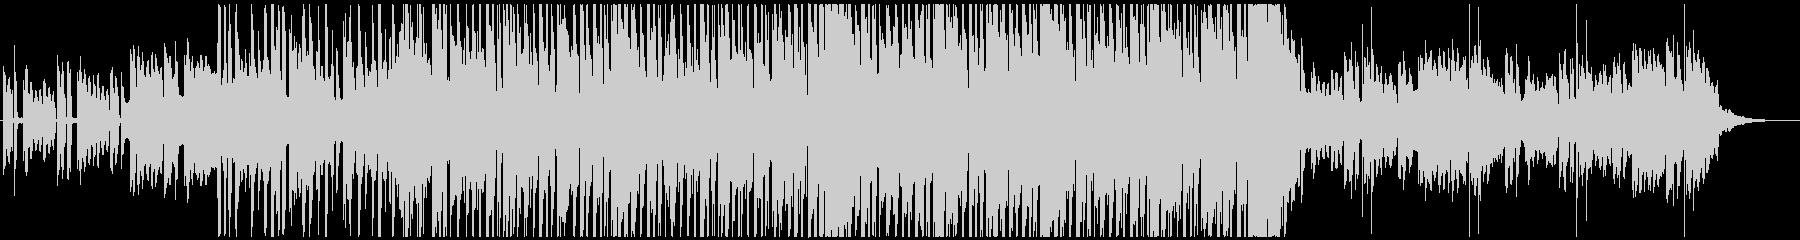 おしゃれなアンビエントチルアウトBGMの未再生の波形